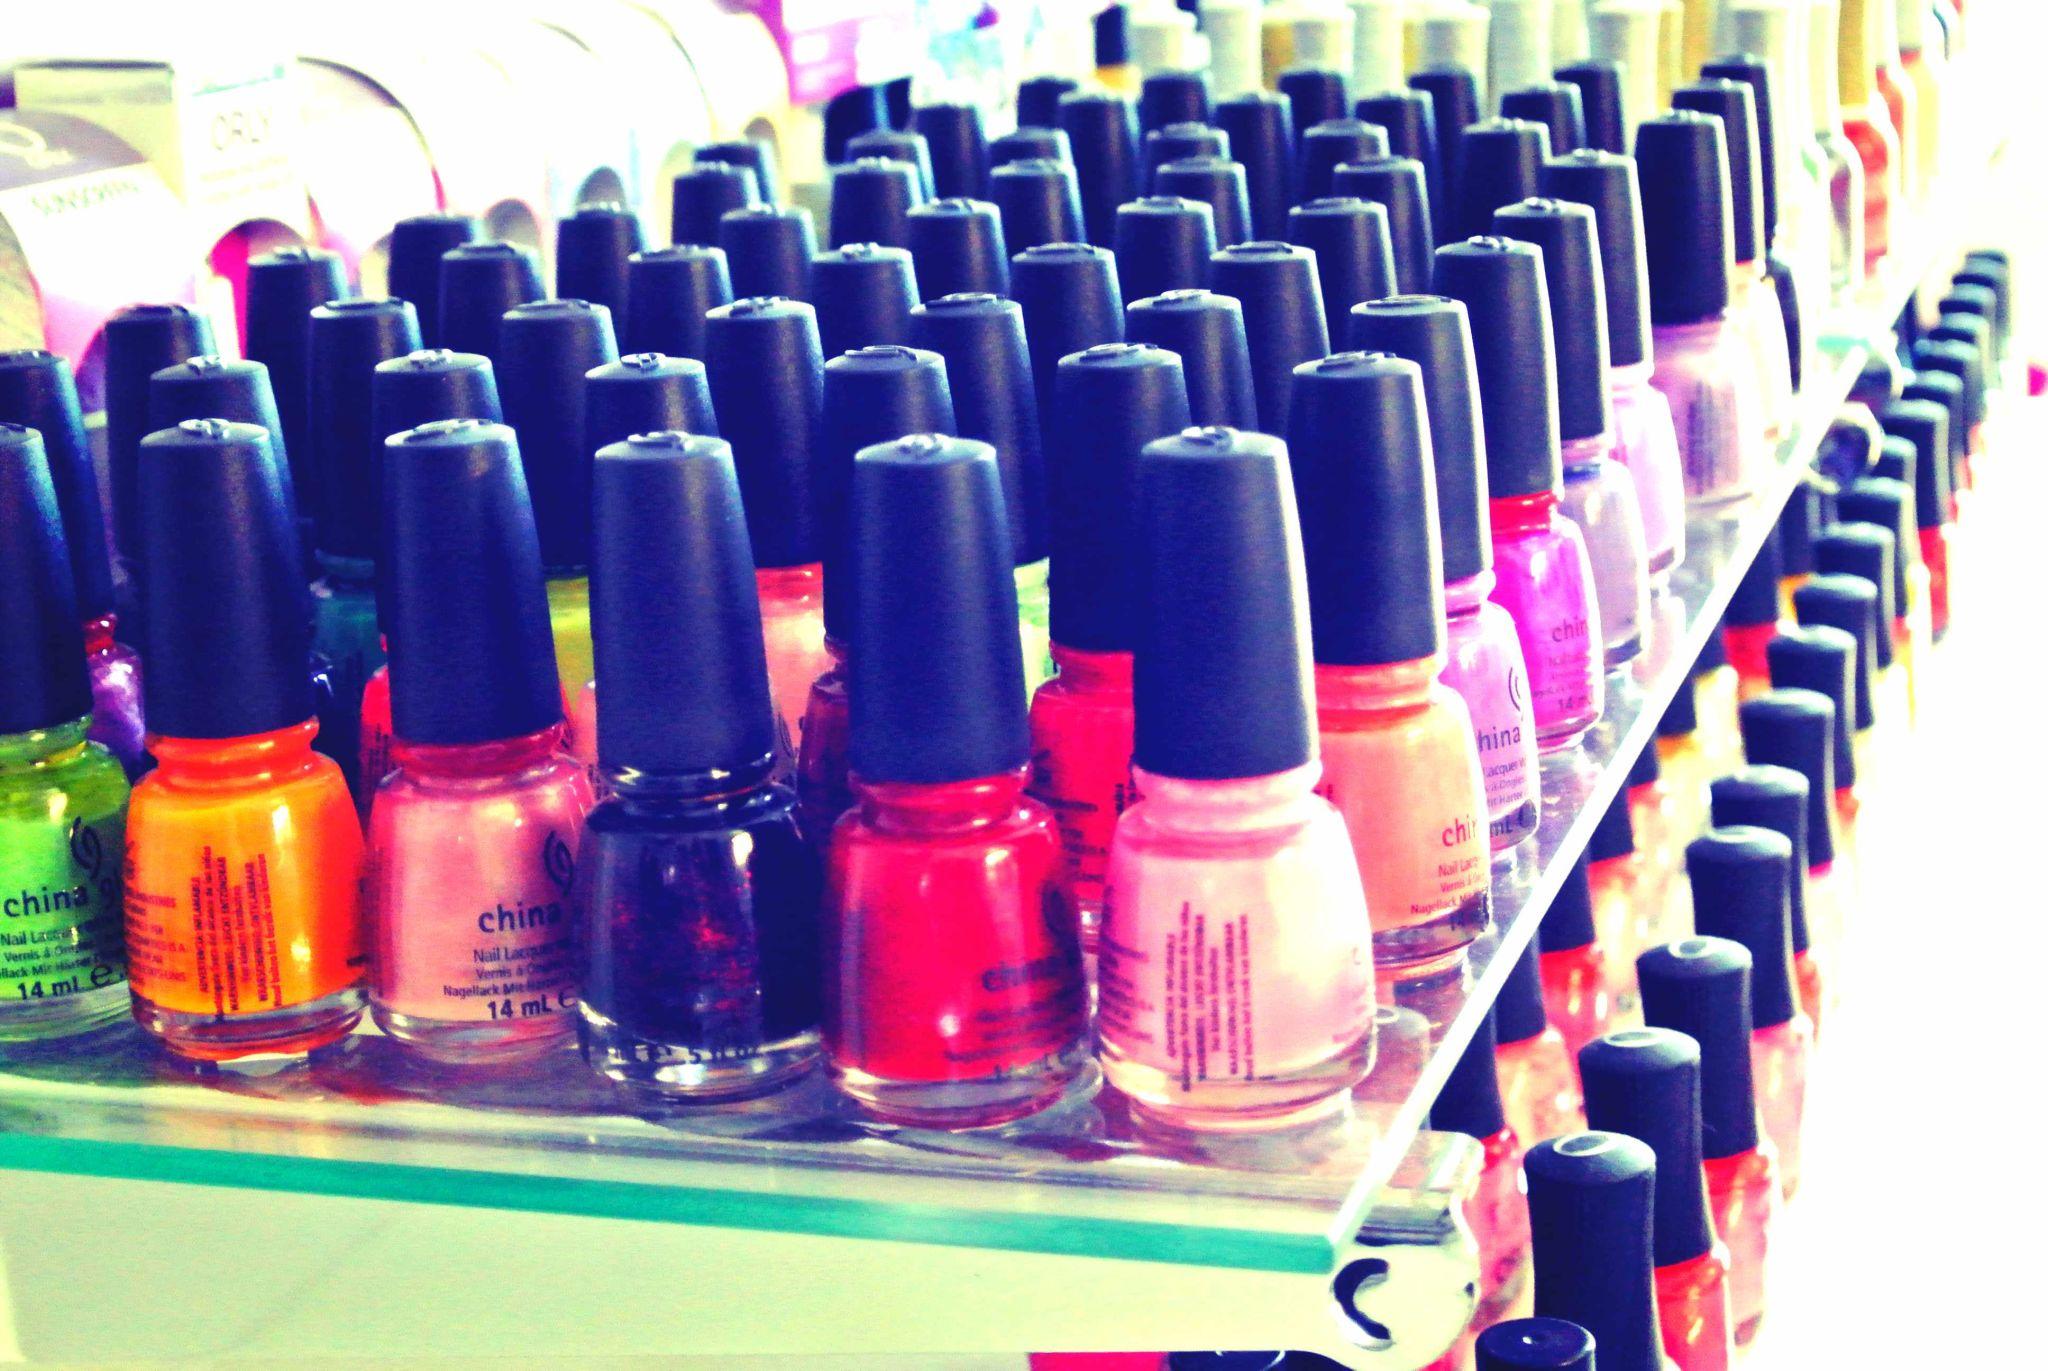 Zu Besuch bei kosmetik4less